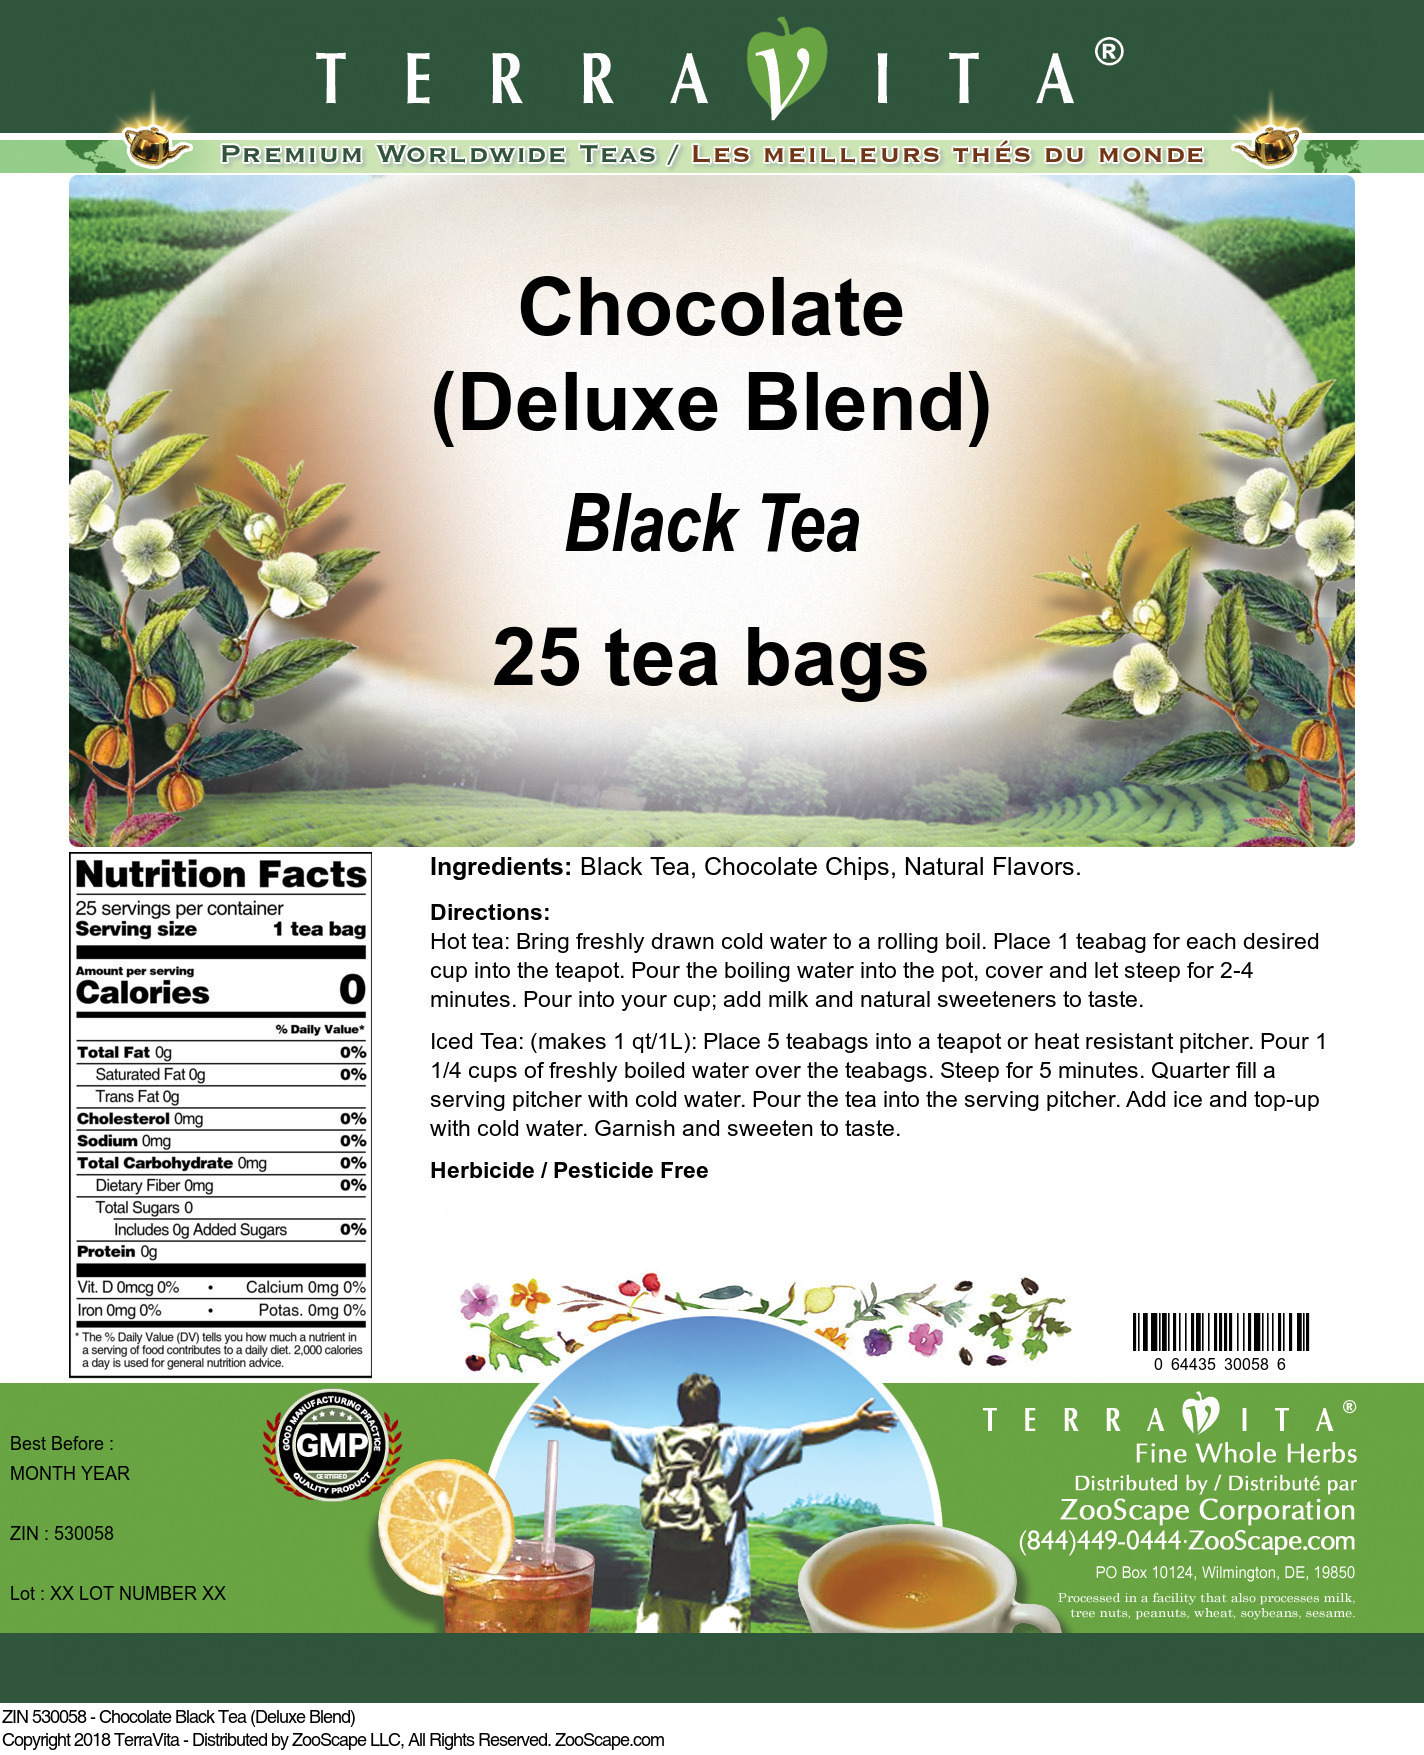 Chocolate Black Tea